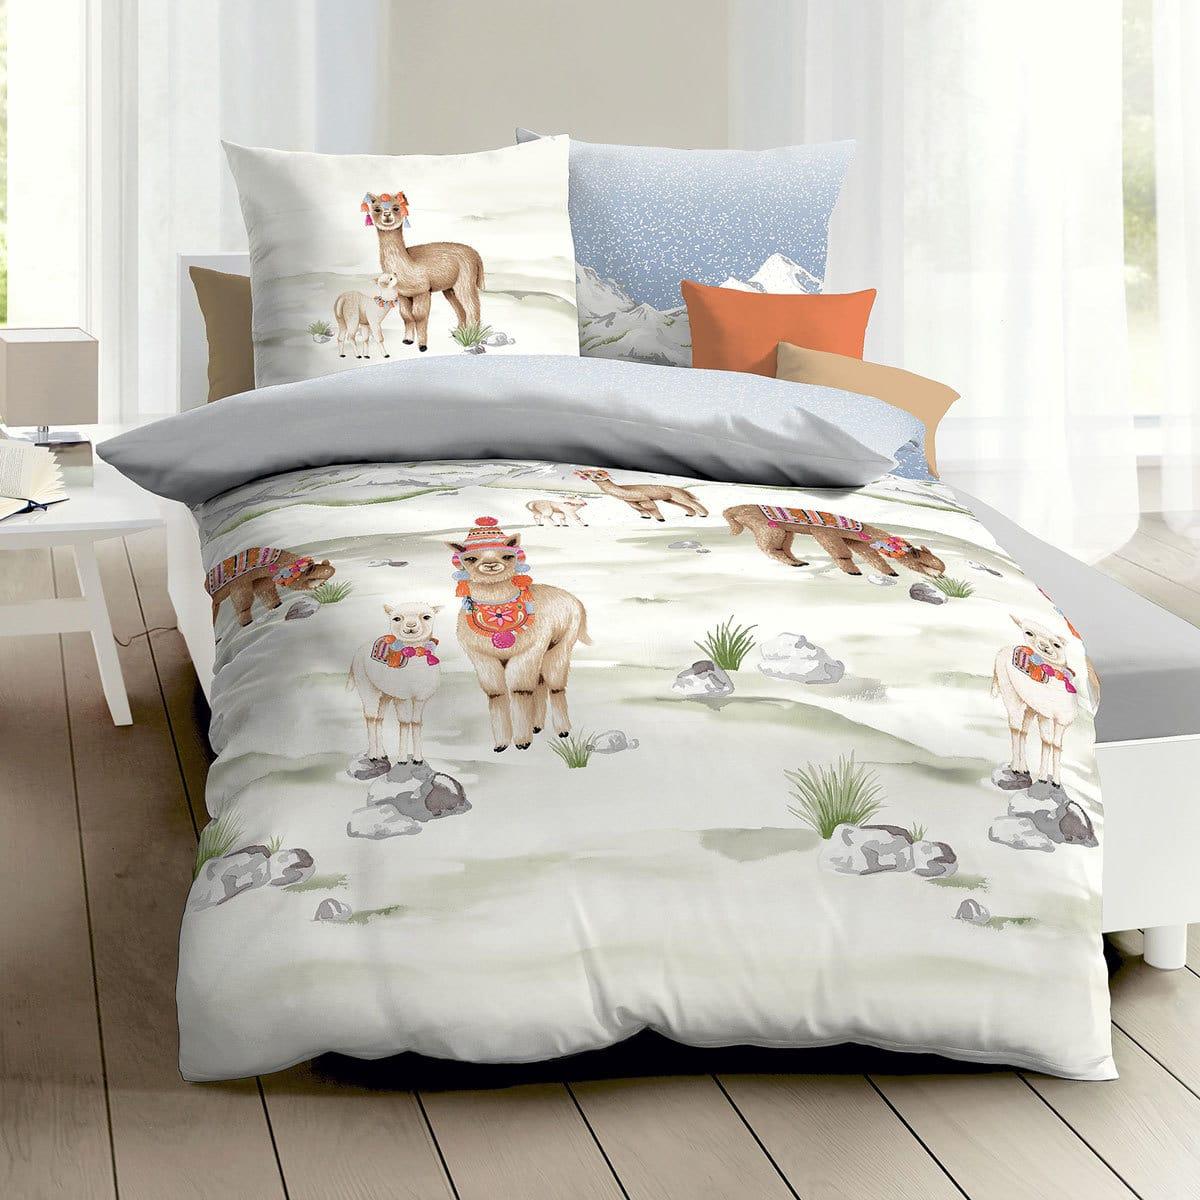 Traumschlaf Biber Bettwäsche Alpaka